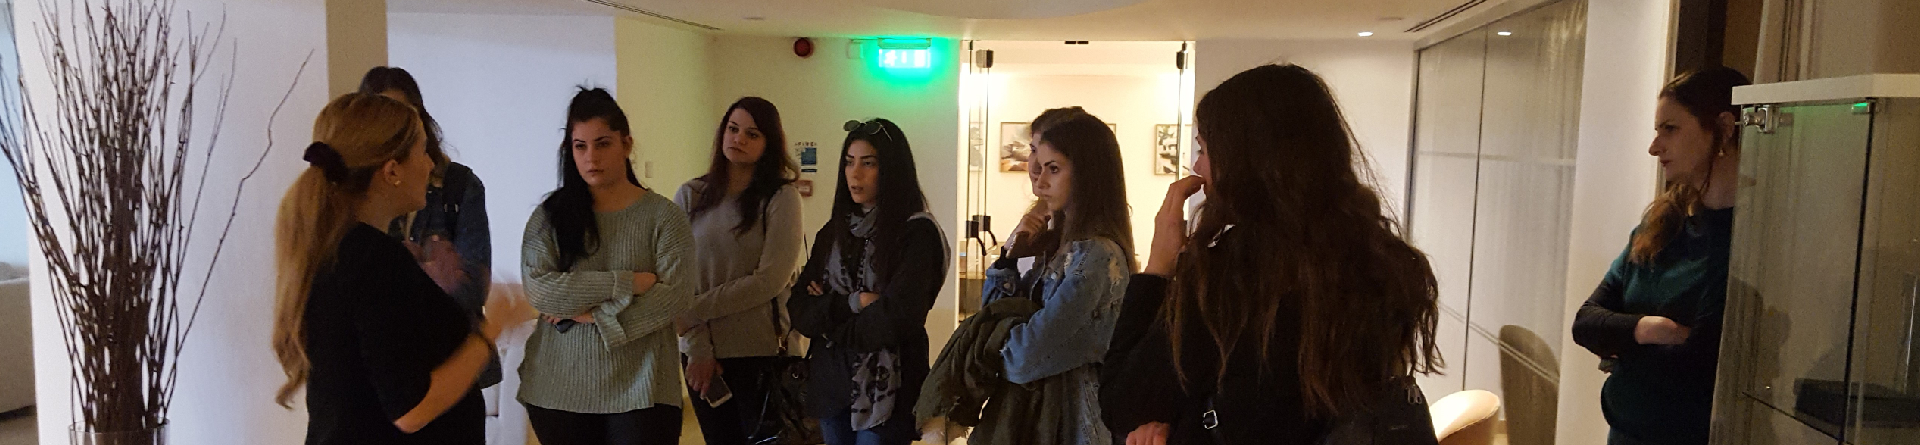 Εκπαιδευτική Επίσκεψη στο SPA του ξενοδοχείου Royal Apollonia στη Λεμεσό